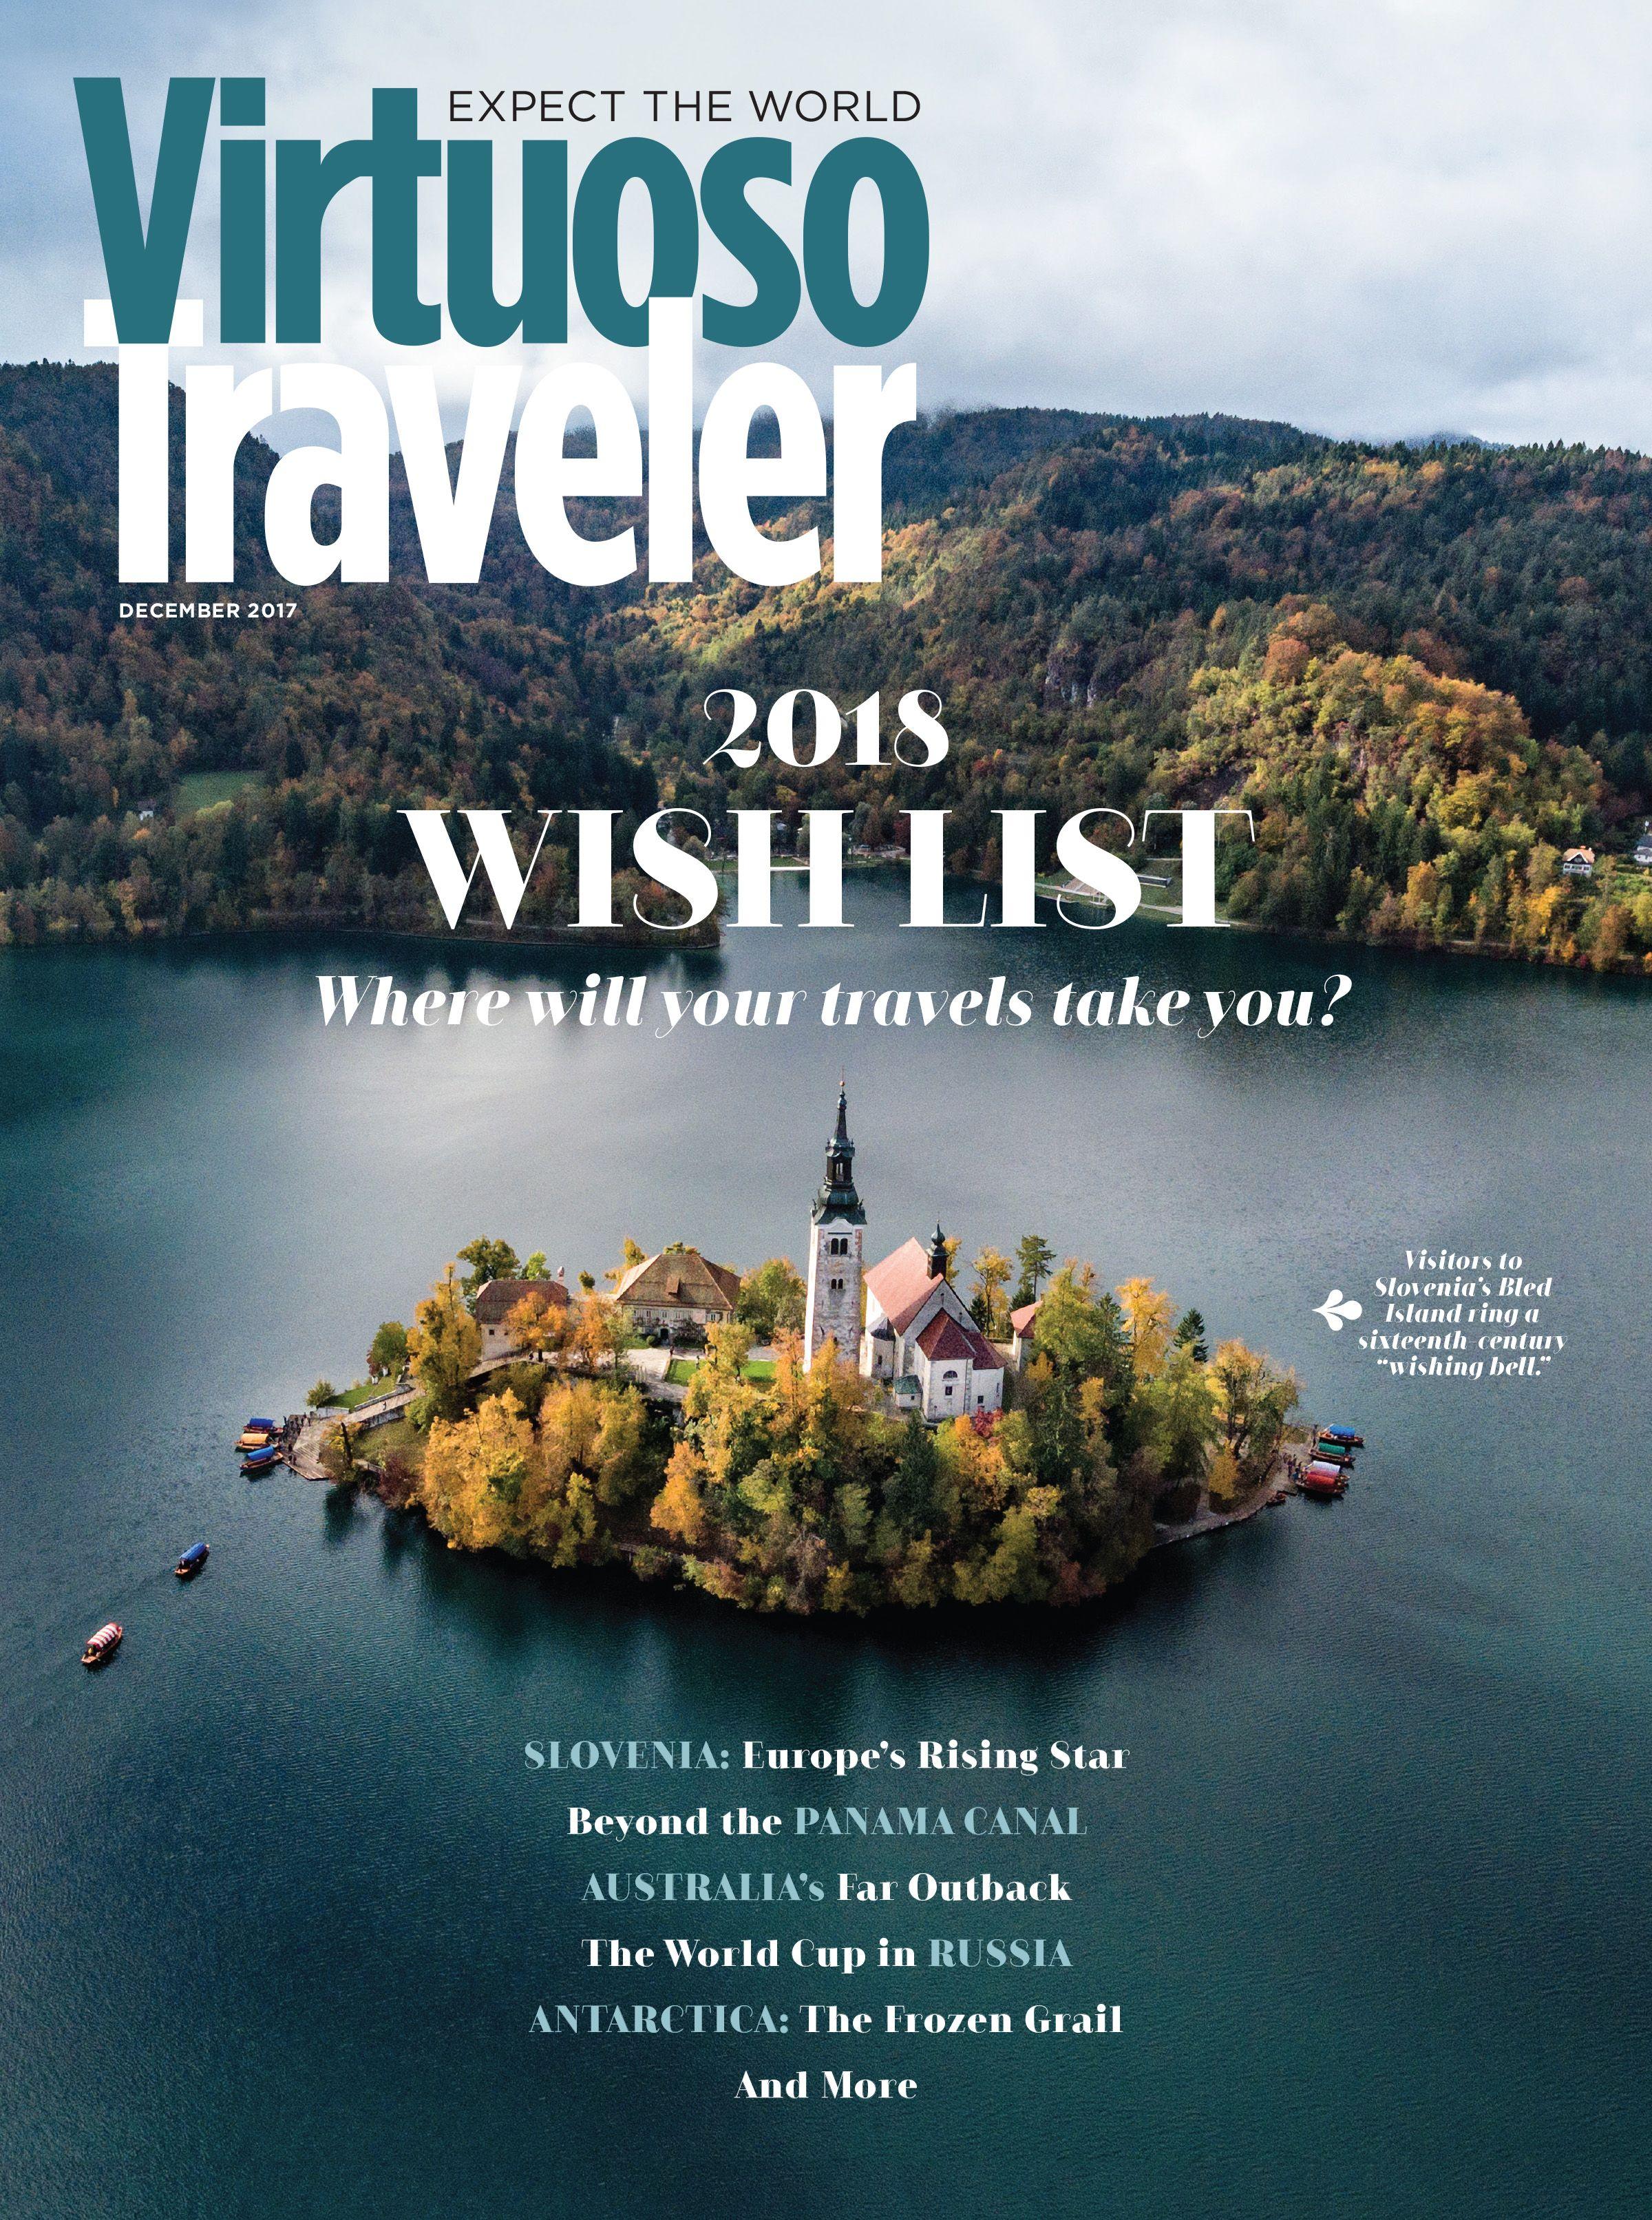 traveler: december 2017 | our magazines | travel, trip advisor